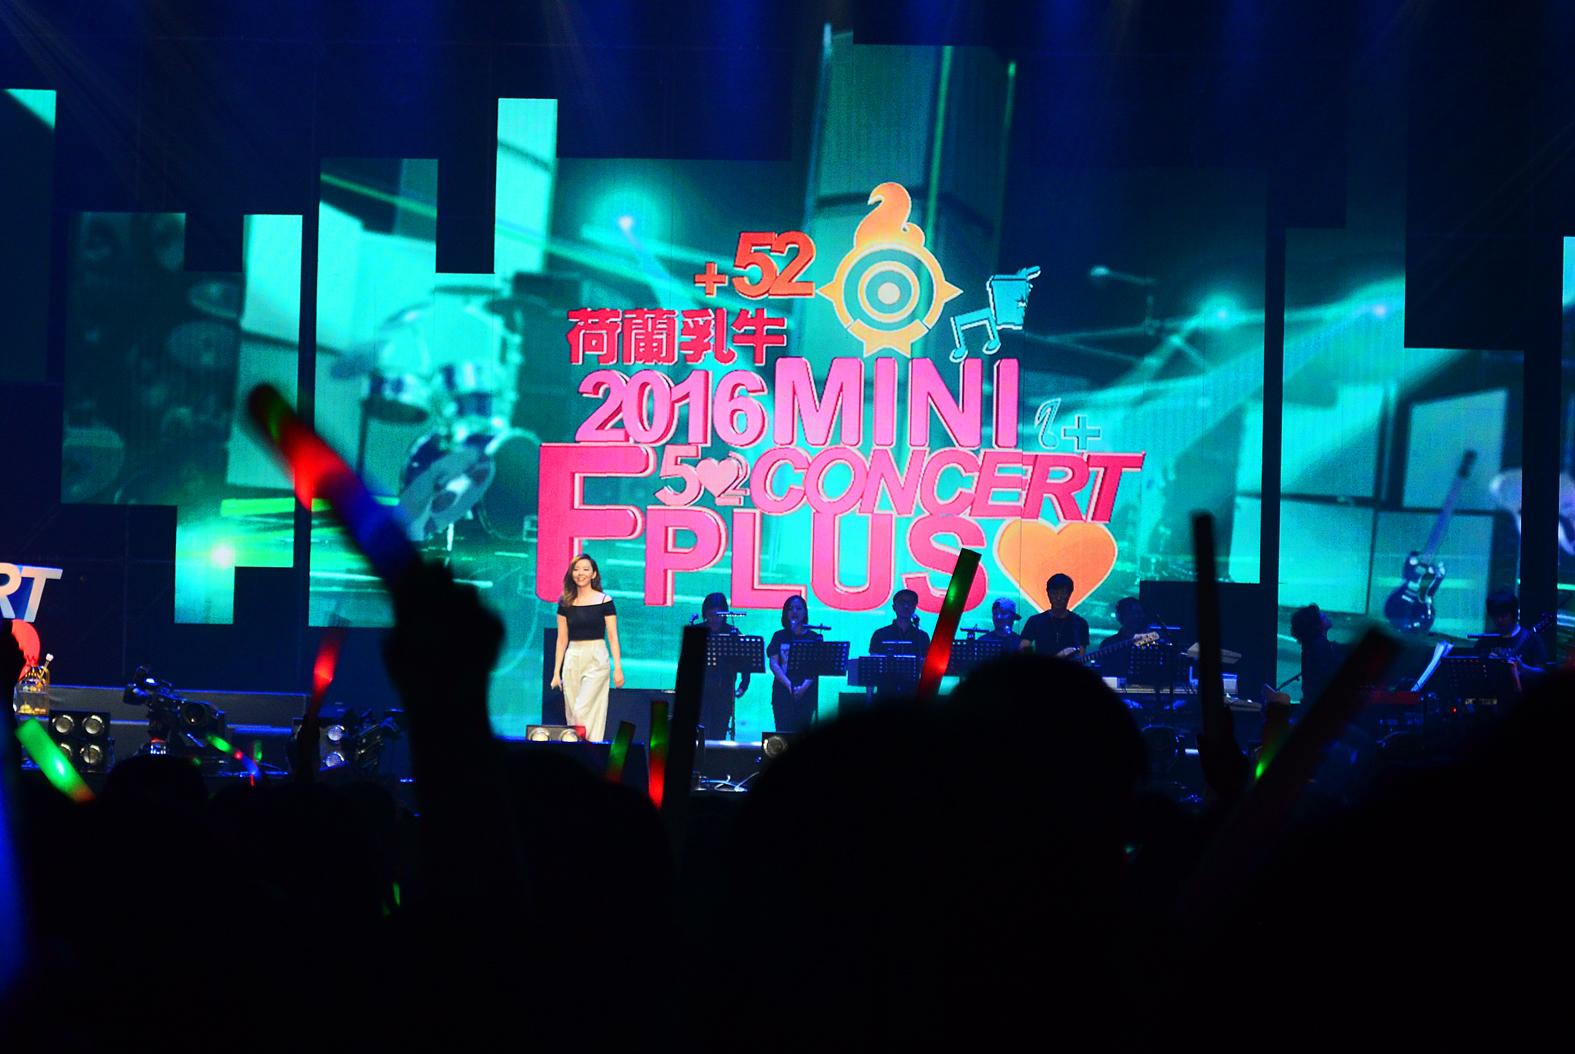 乐范+52 mini concert 张靓颖、王铮亮演唱会